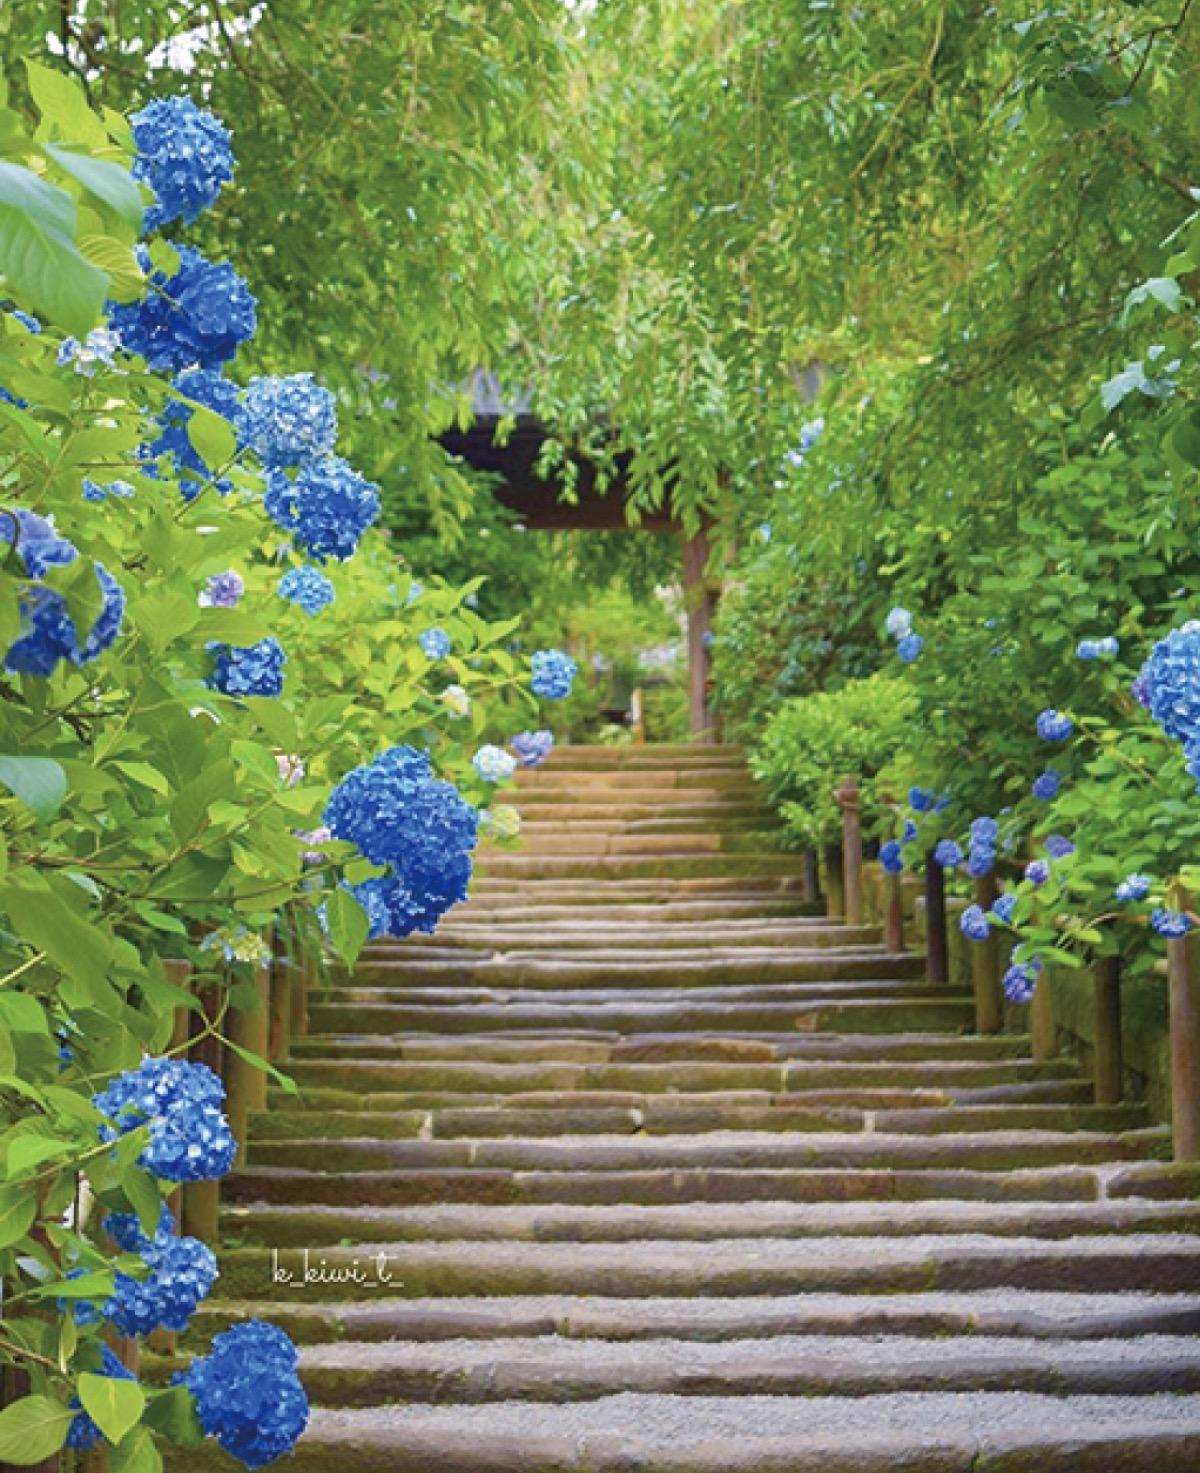 鎌倉の魅力、写真で応募 農泊協議会がコンテスト | 鎌倉 | タウンニュース